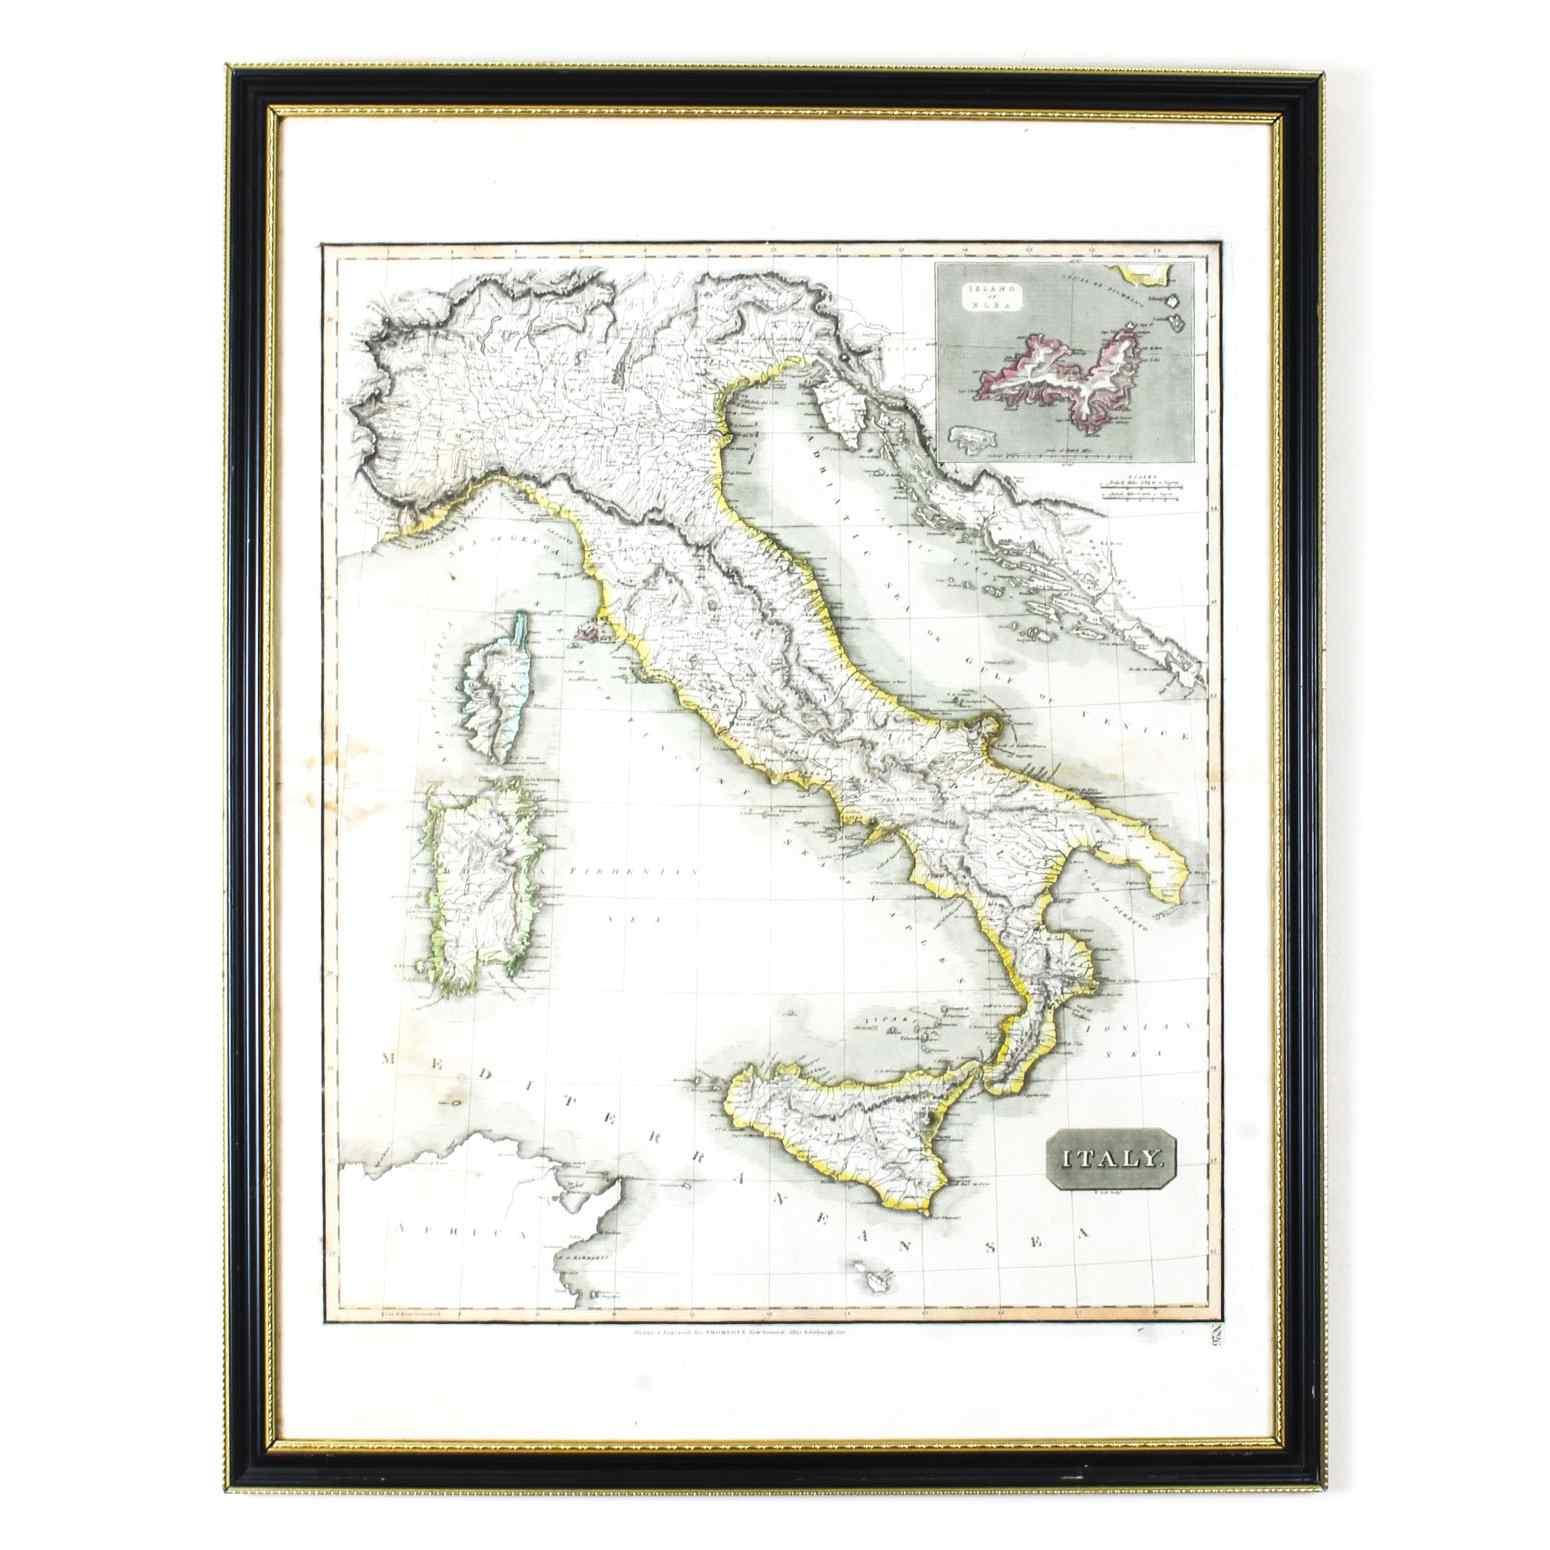 Antica mappa d'Italia disegnata e incisa R. Scott per Thomso